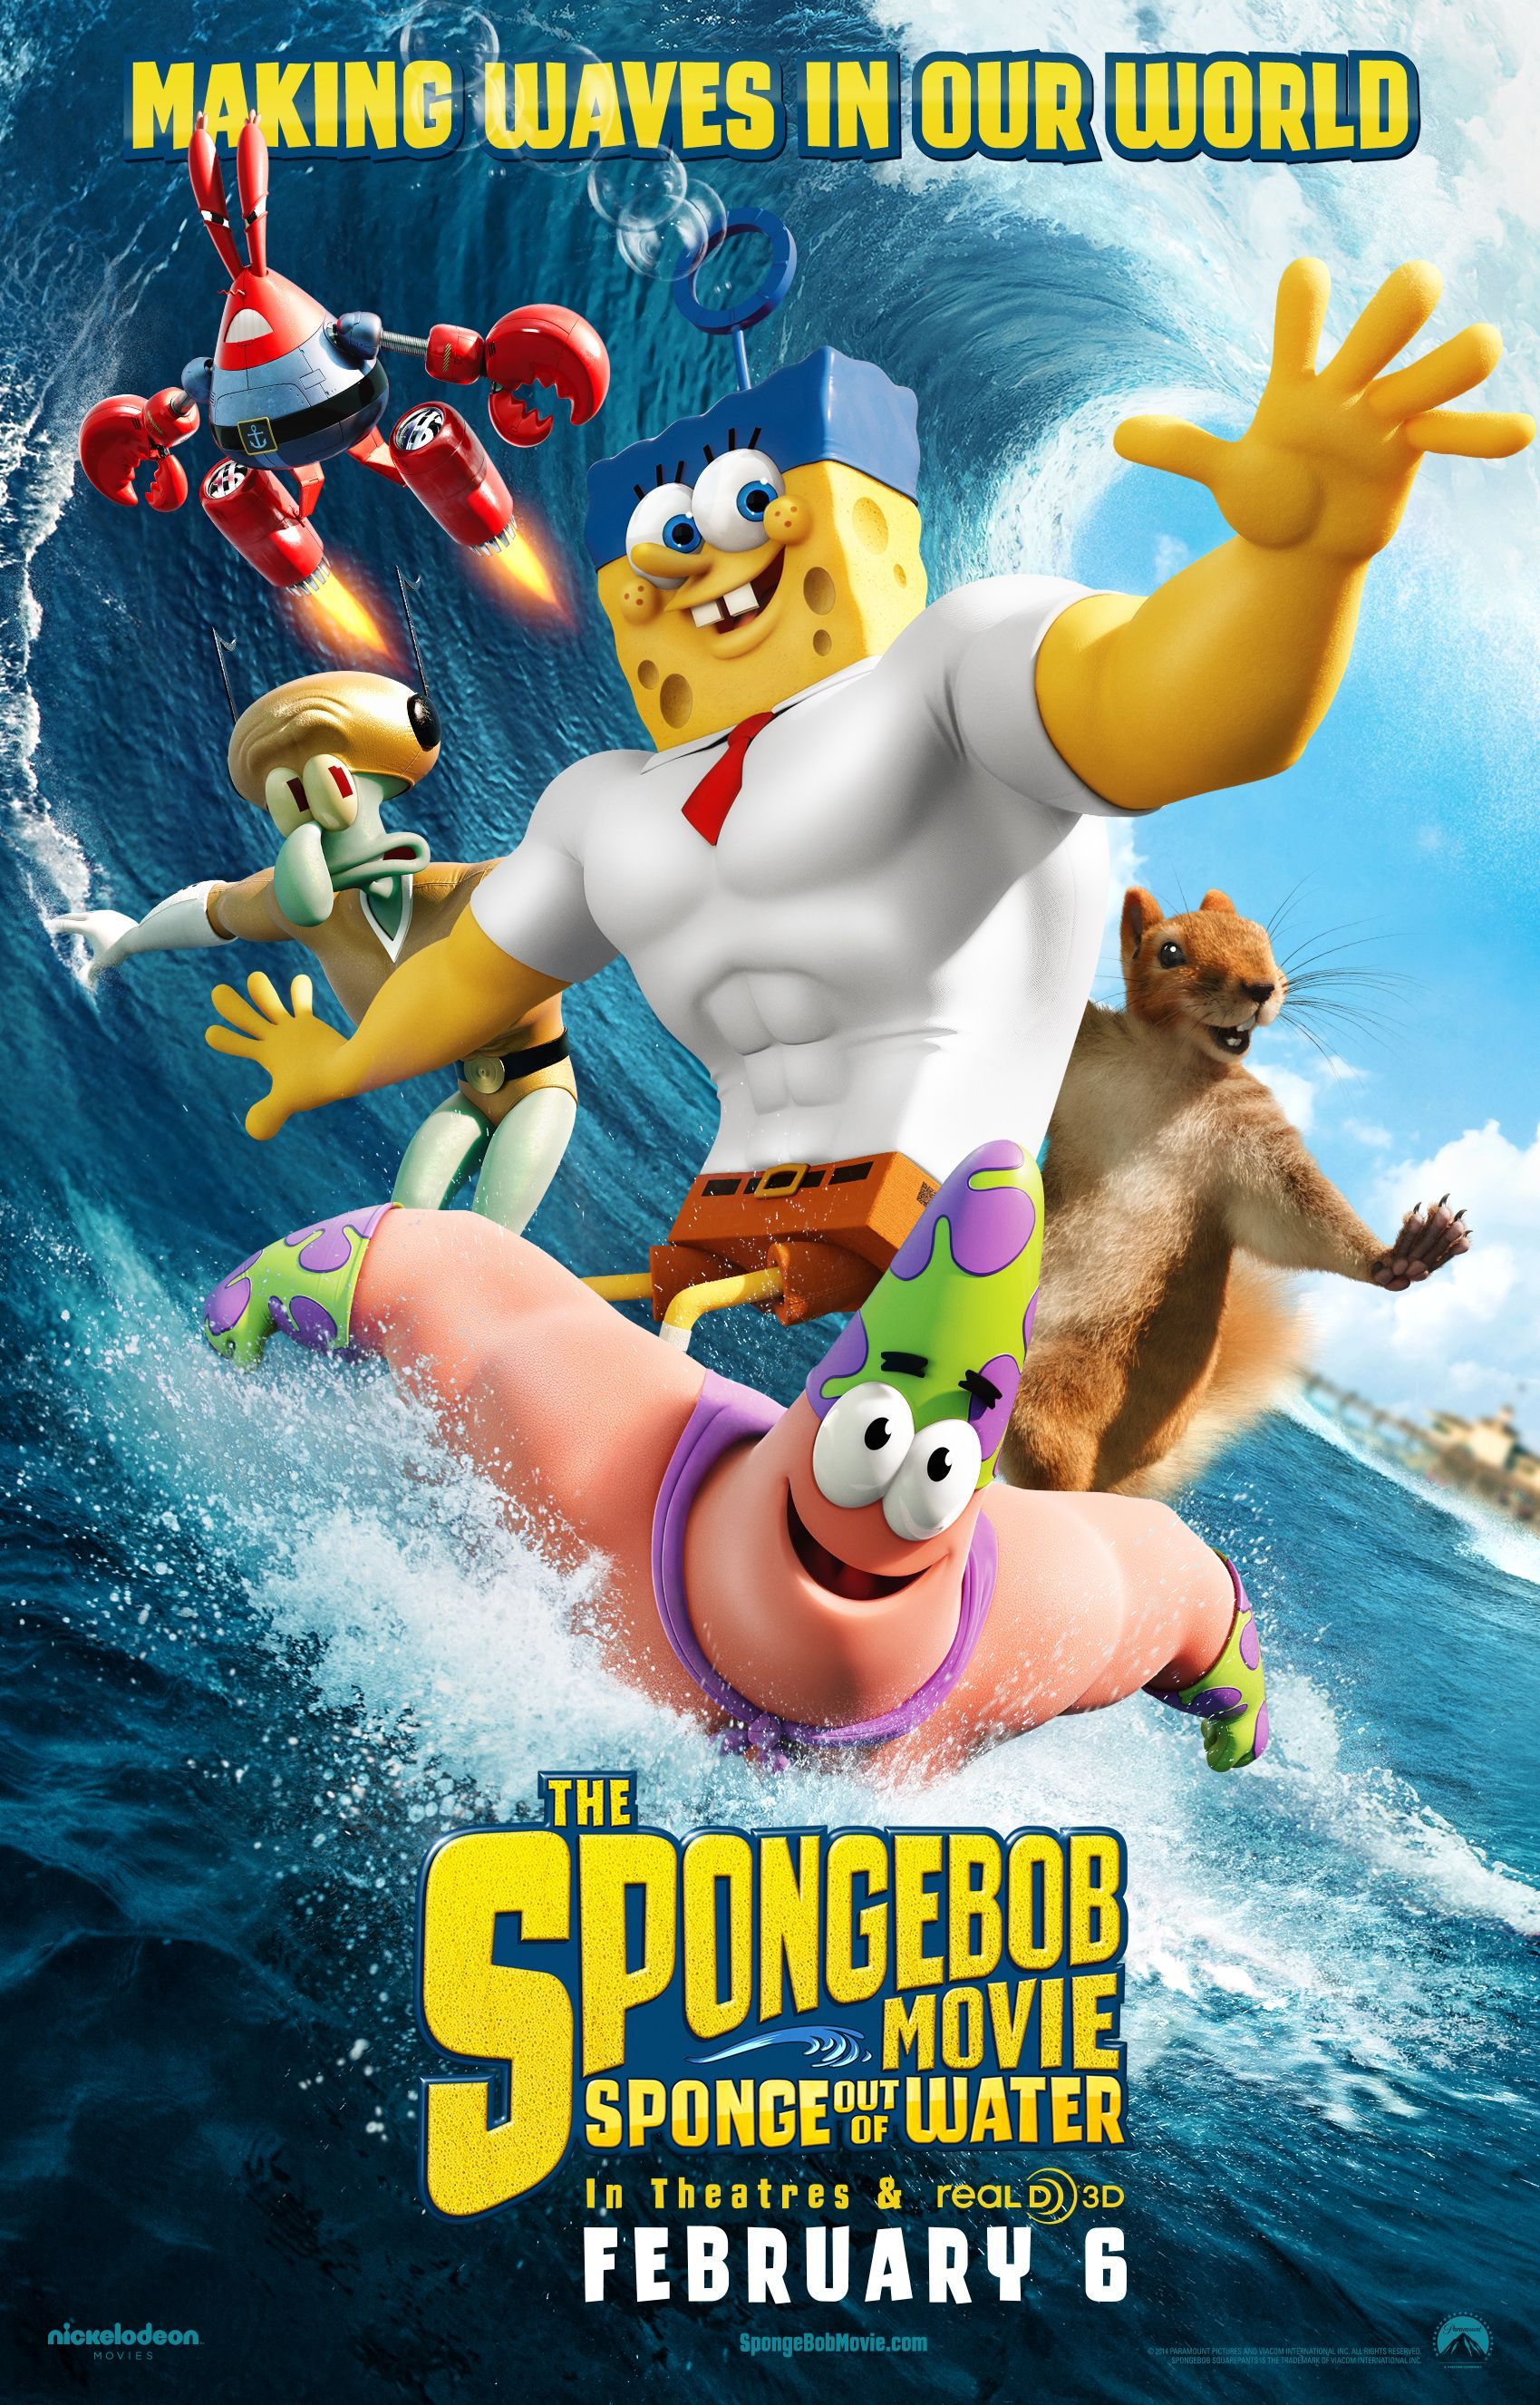 The Spongebob Movie Sponge Out Of Water Releases To Theaters Tomorrow 2 6 15 Be Sure To G Bob Esponja La Pelicula Peliculas Animadas Para Ninos Bob Esponja